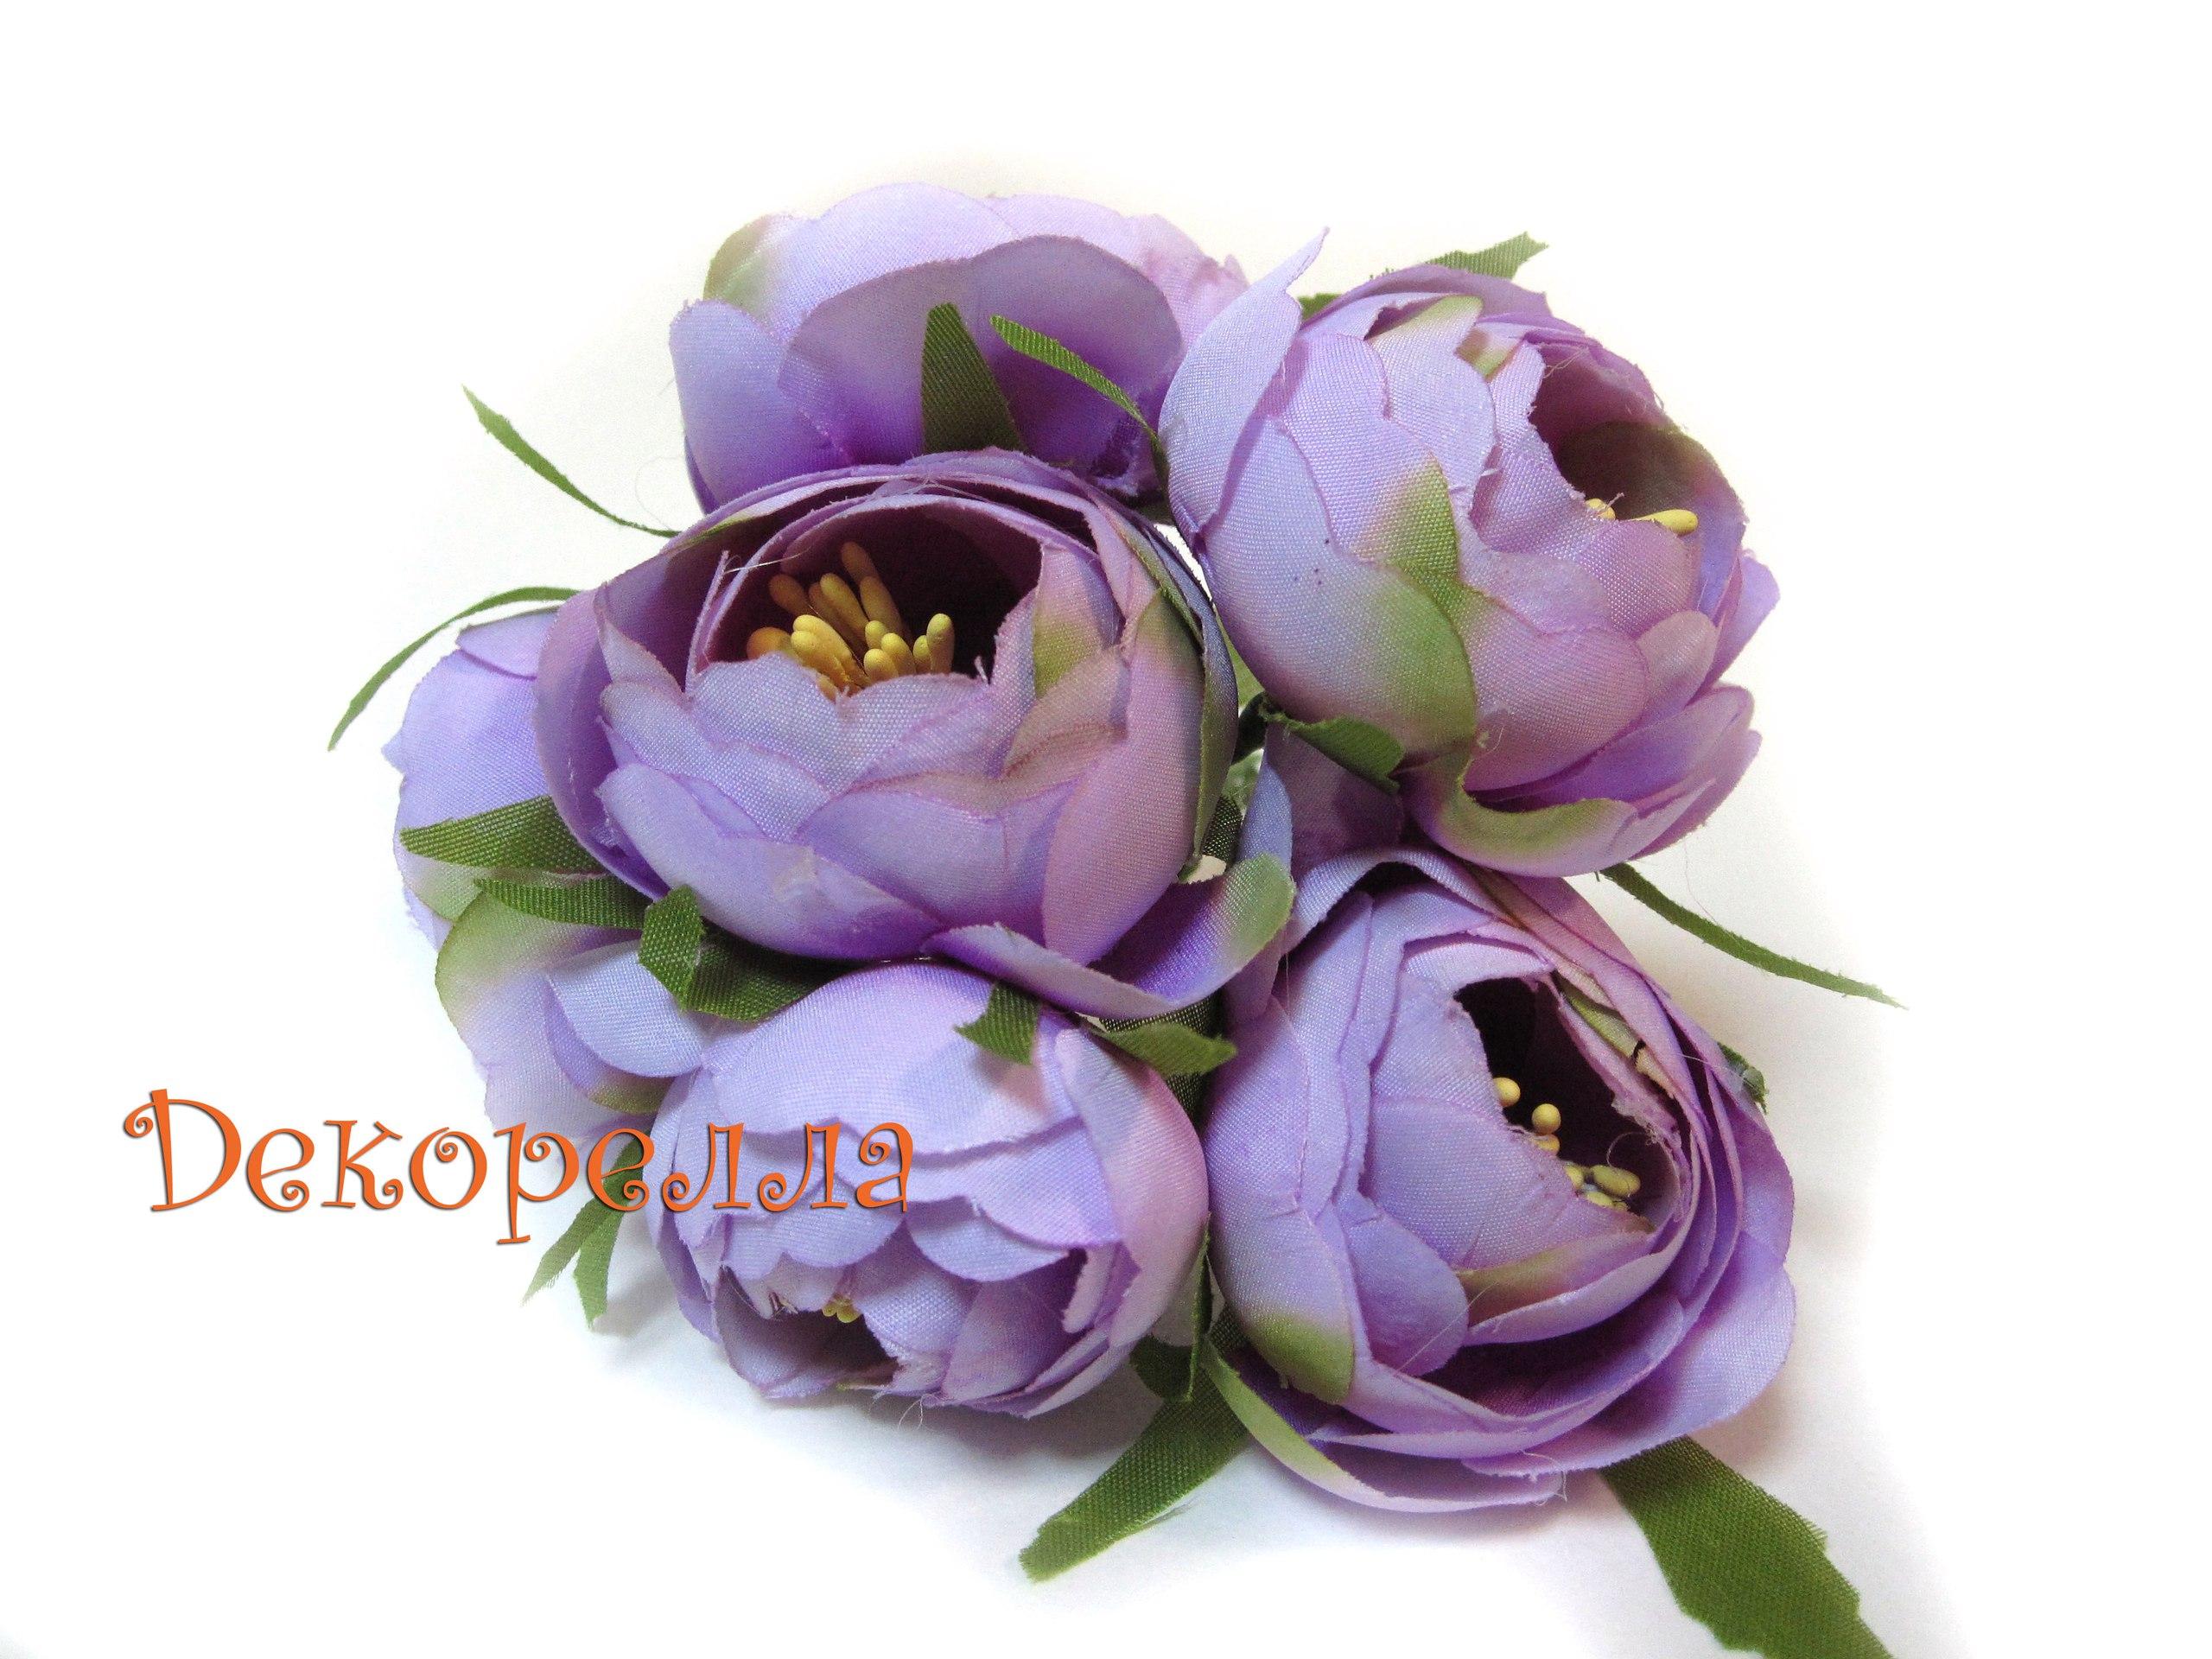 Декорелла квіти (3)